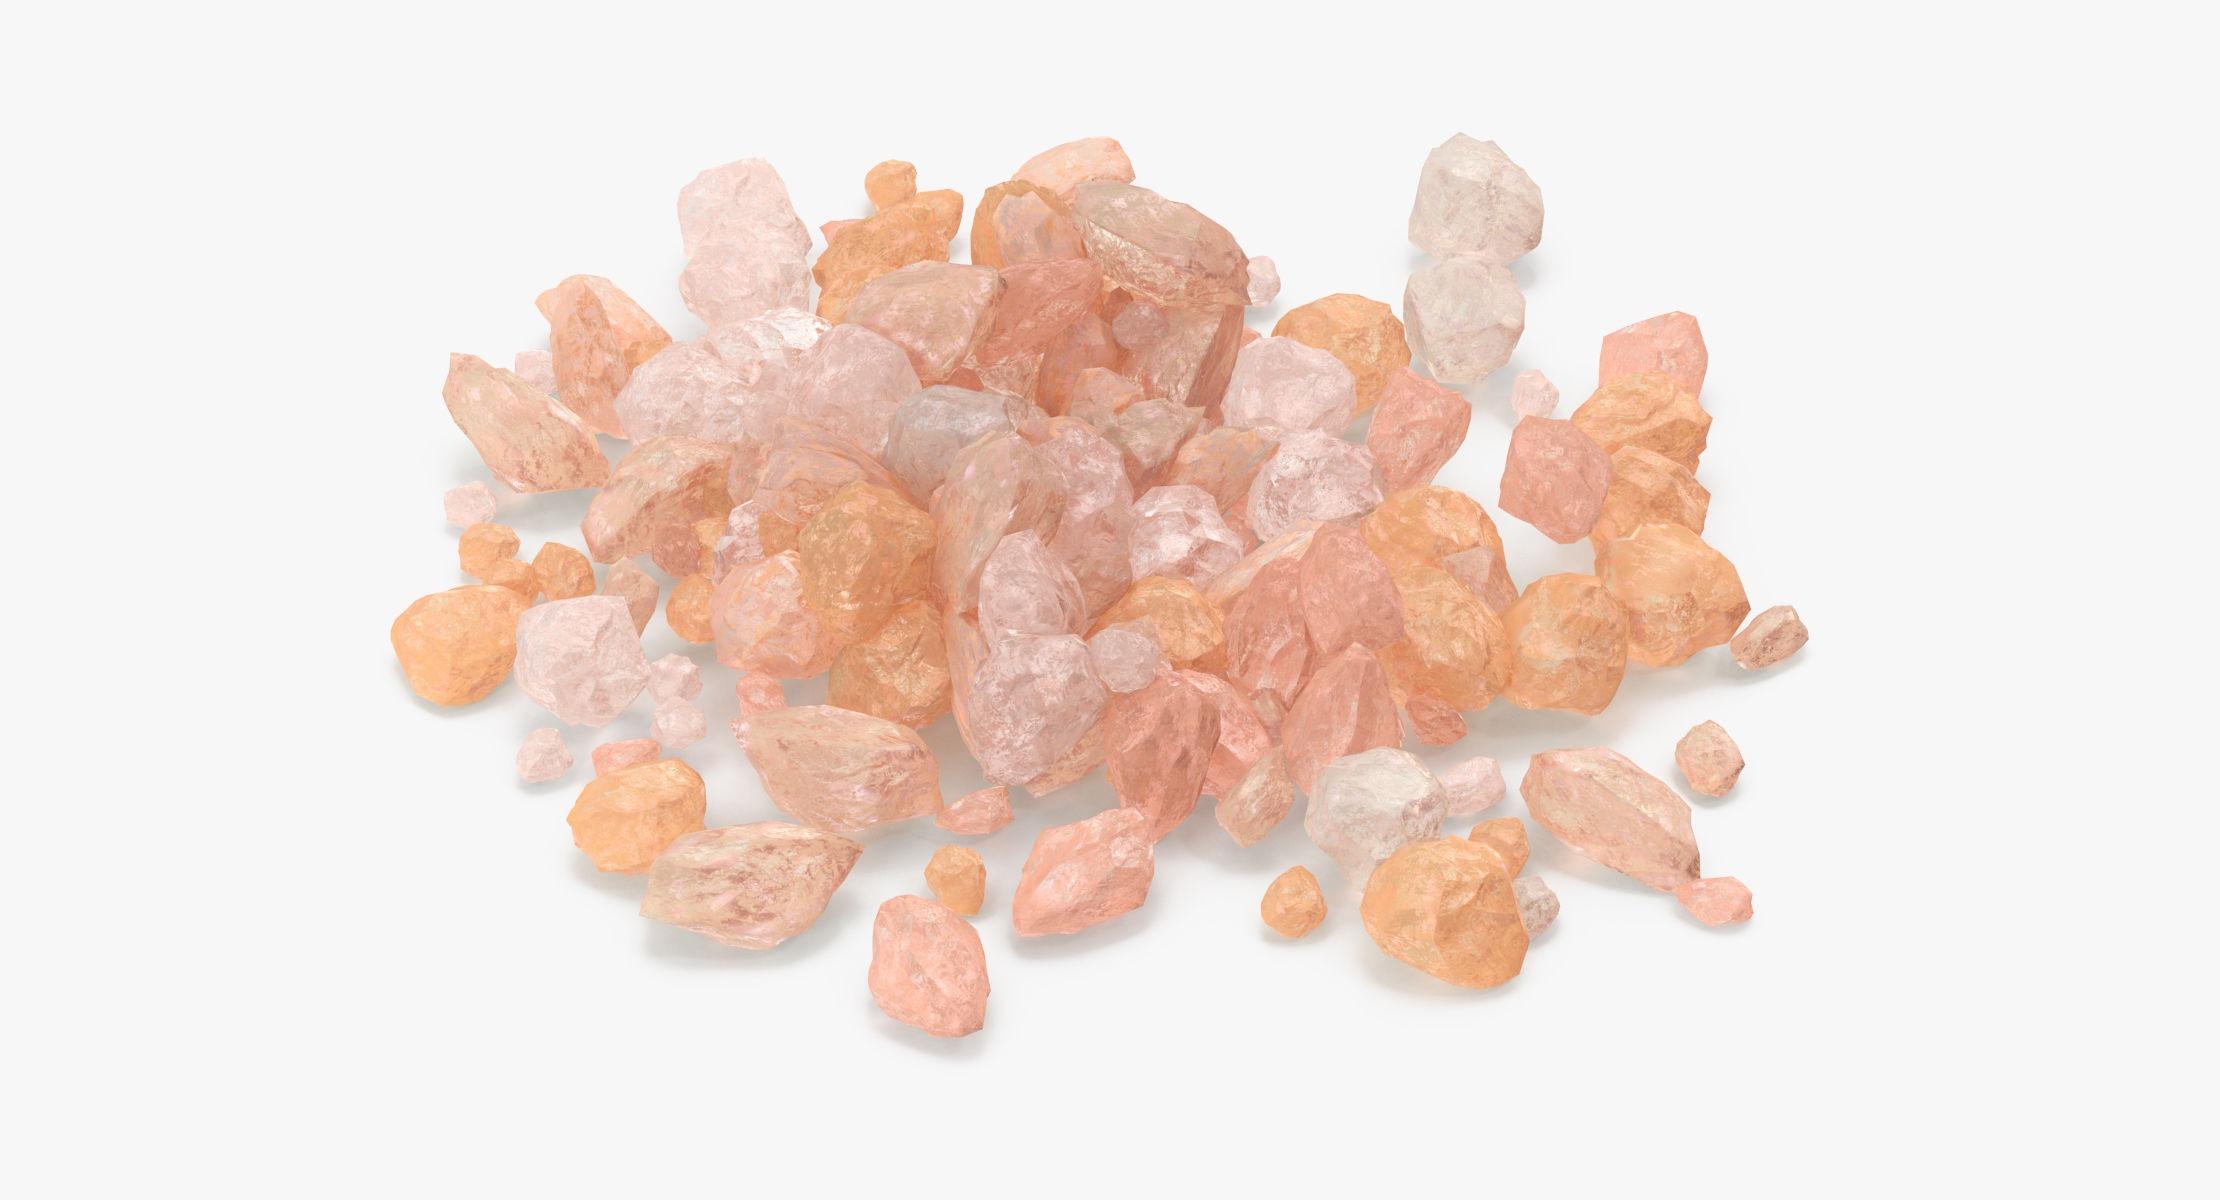 Himalayan Salt - reel 1